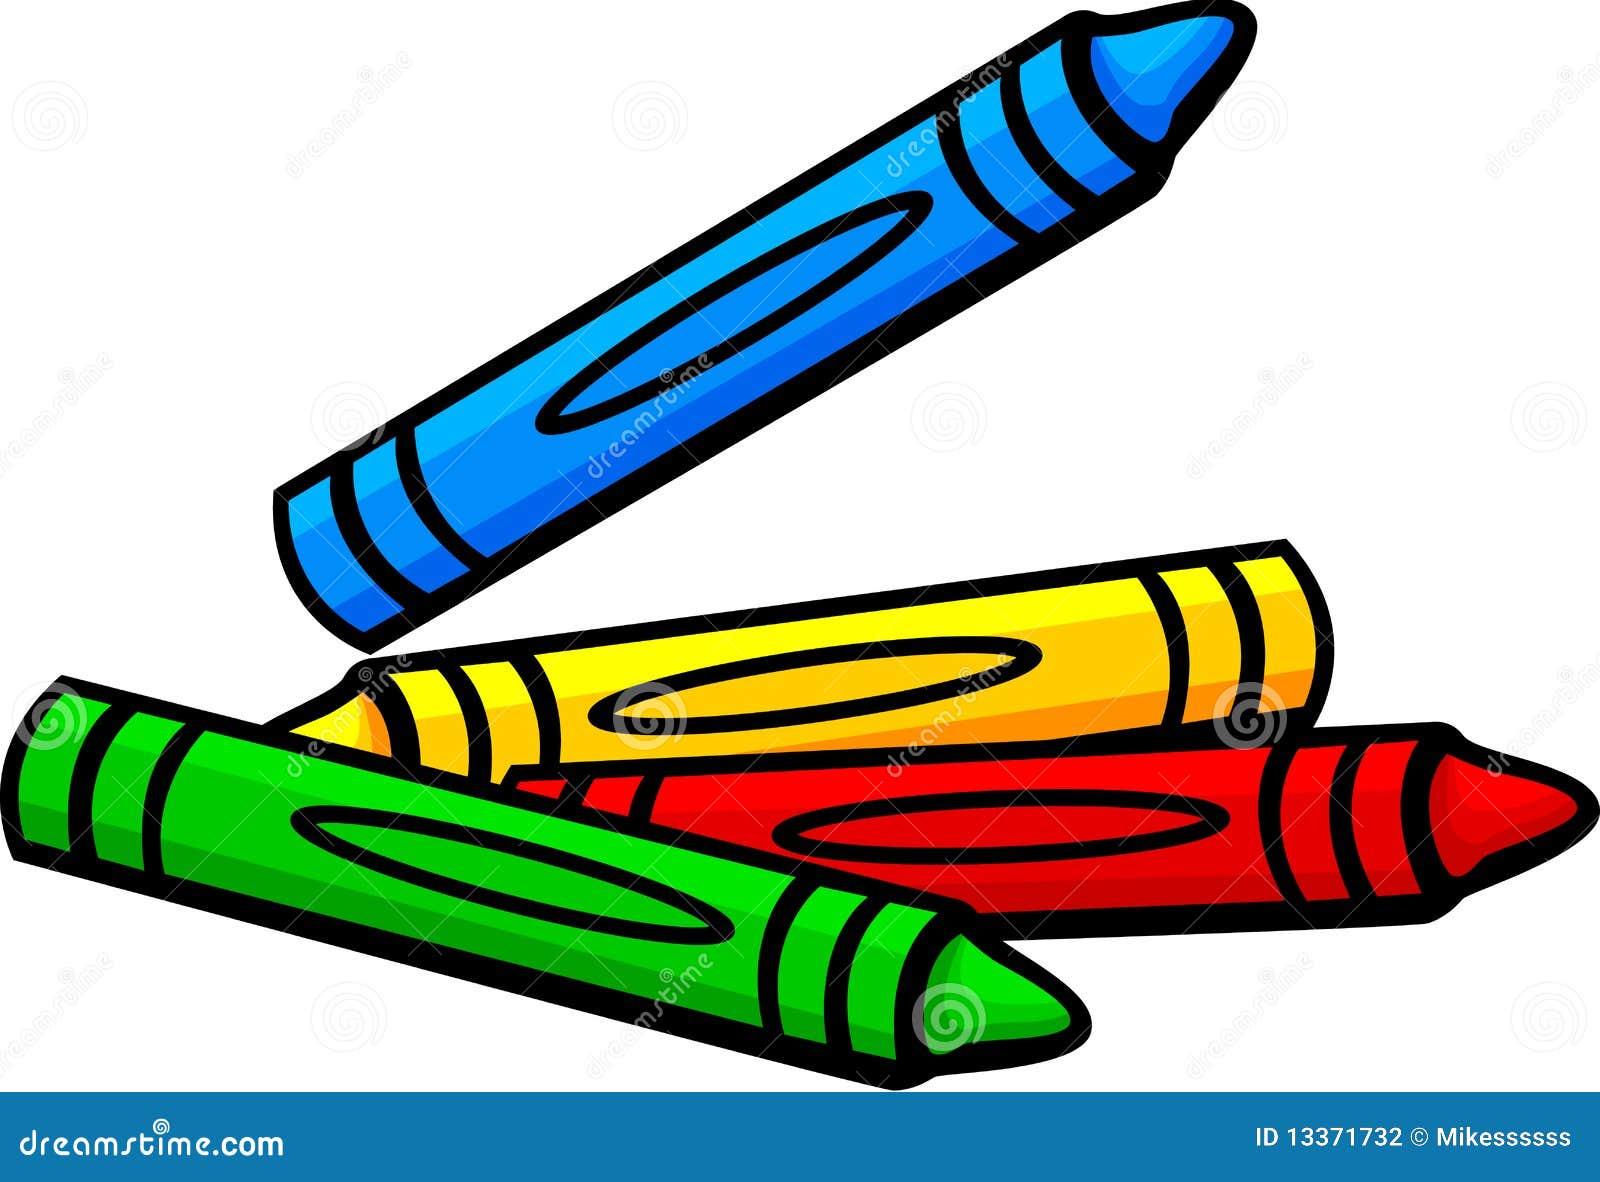 wax crayons vector illustration stock vector illustration of bunch rh dreamstime com crayon vectoriel crayola vector free for commercial use